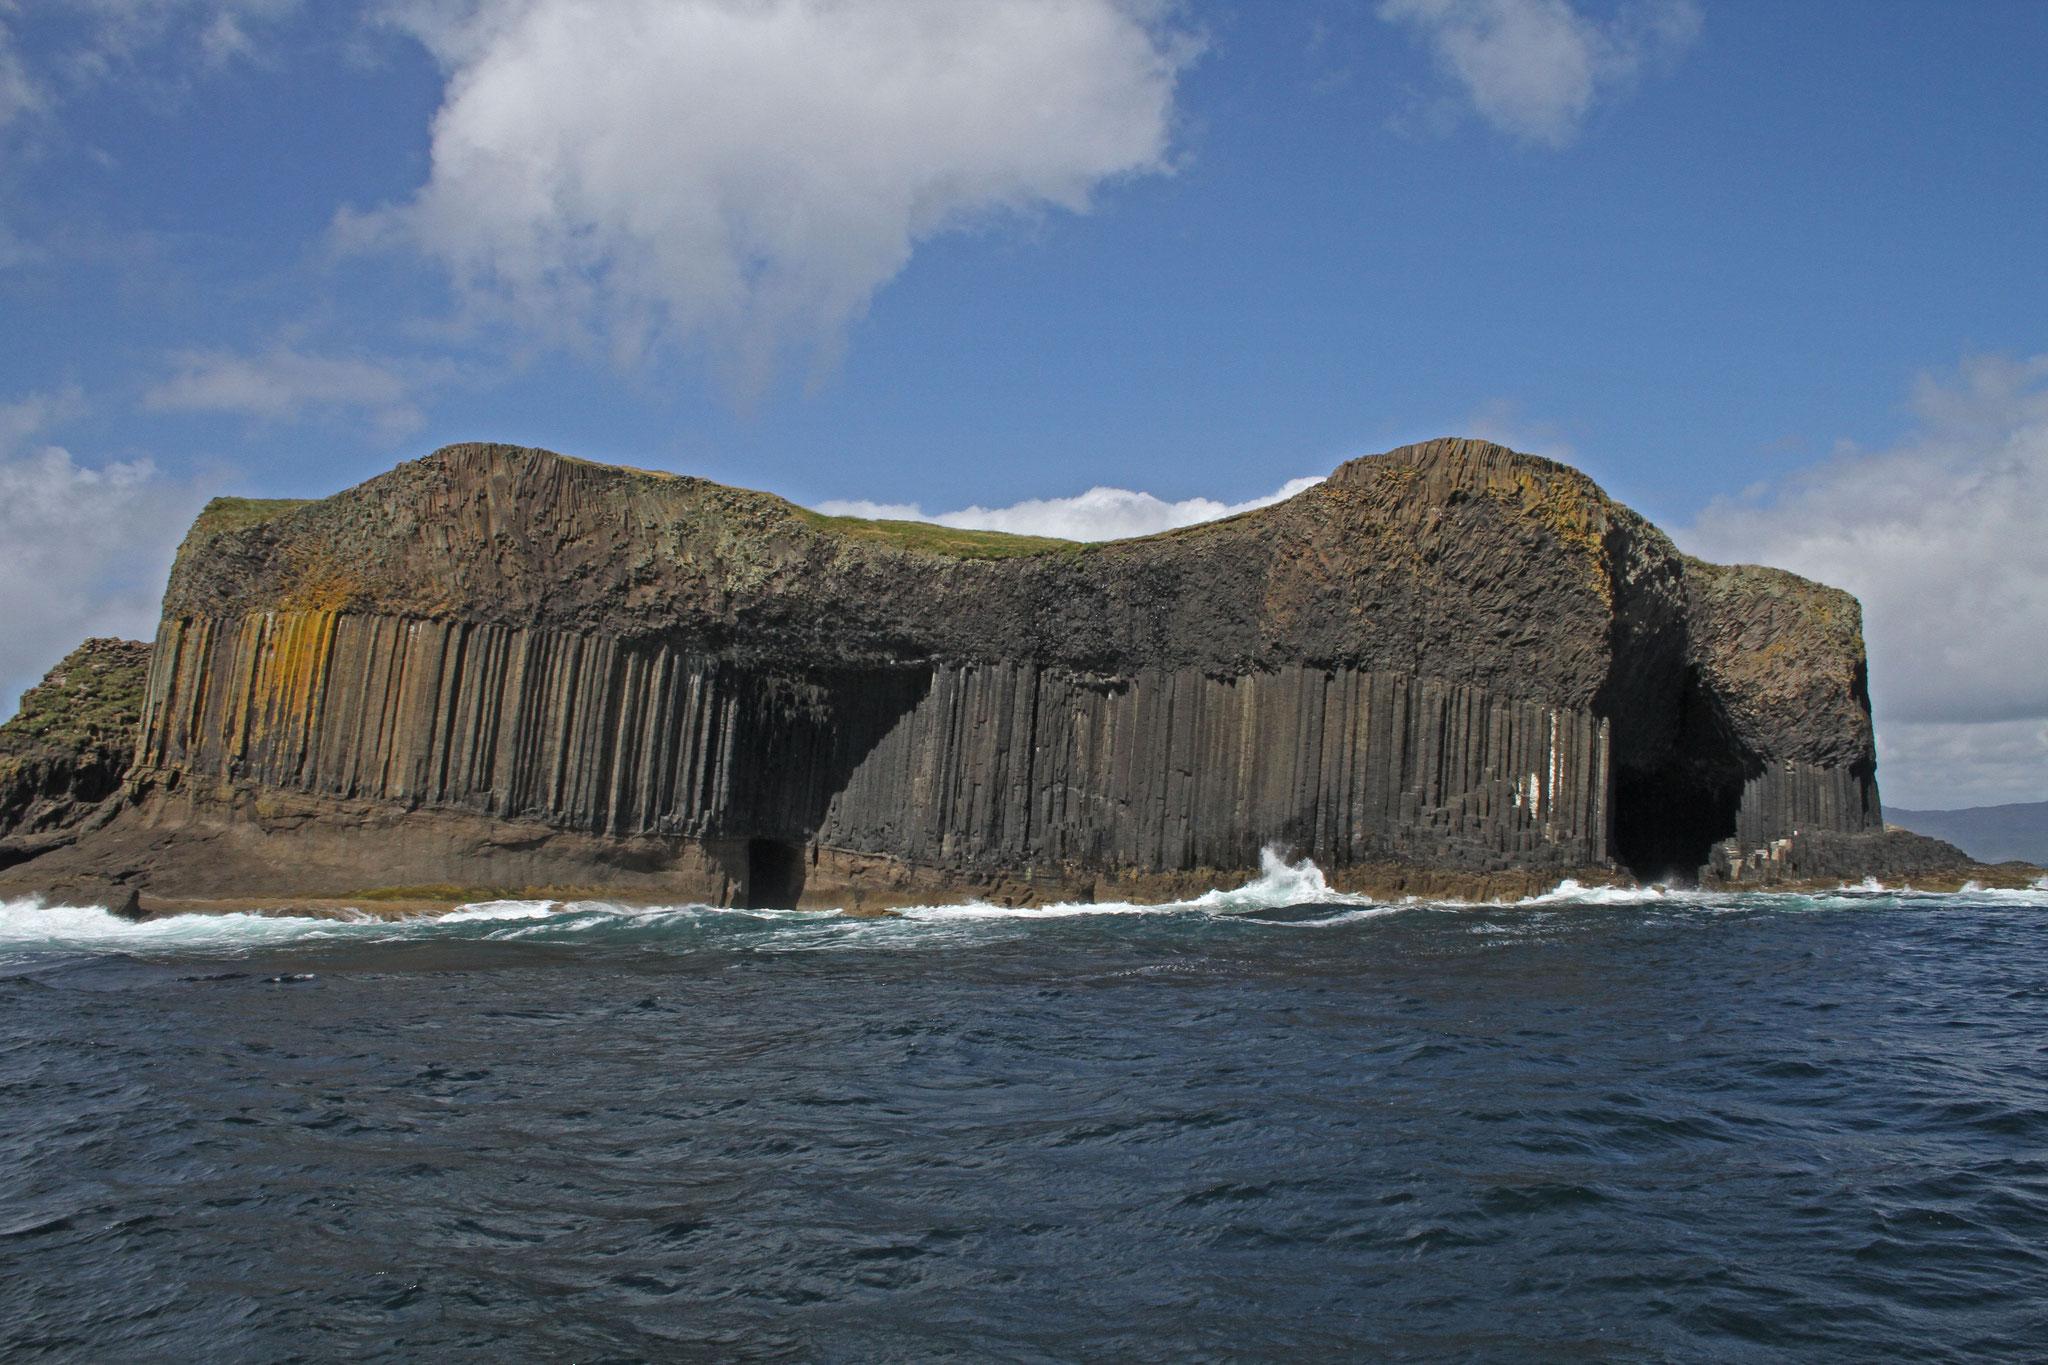 Nächster Stopp: die Insel Staffa, berühmt für ihre Basalt-Felsen ...